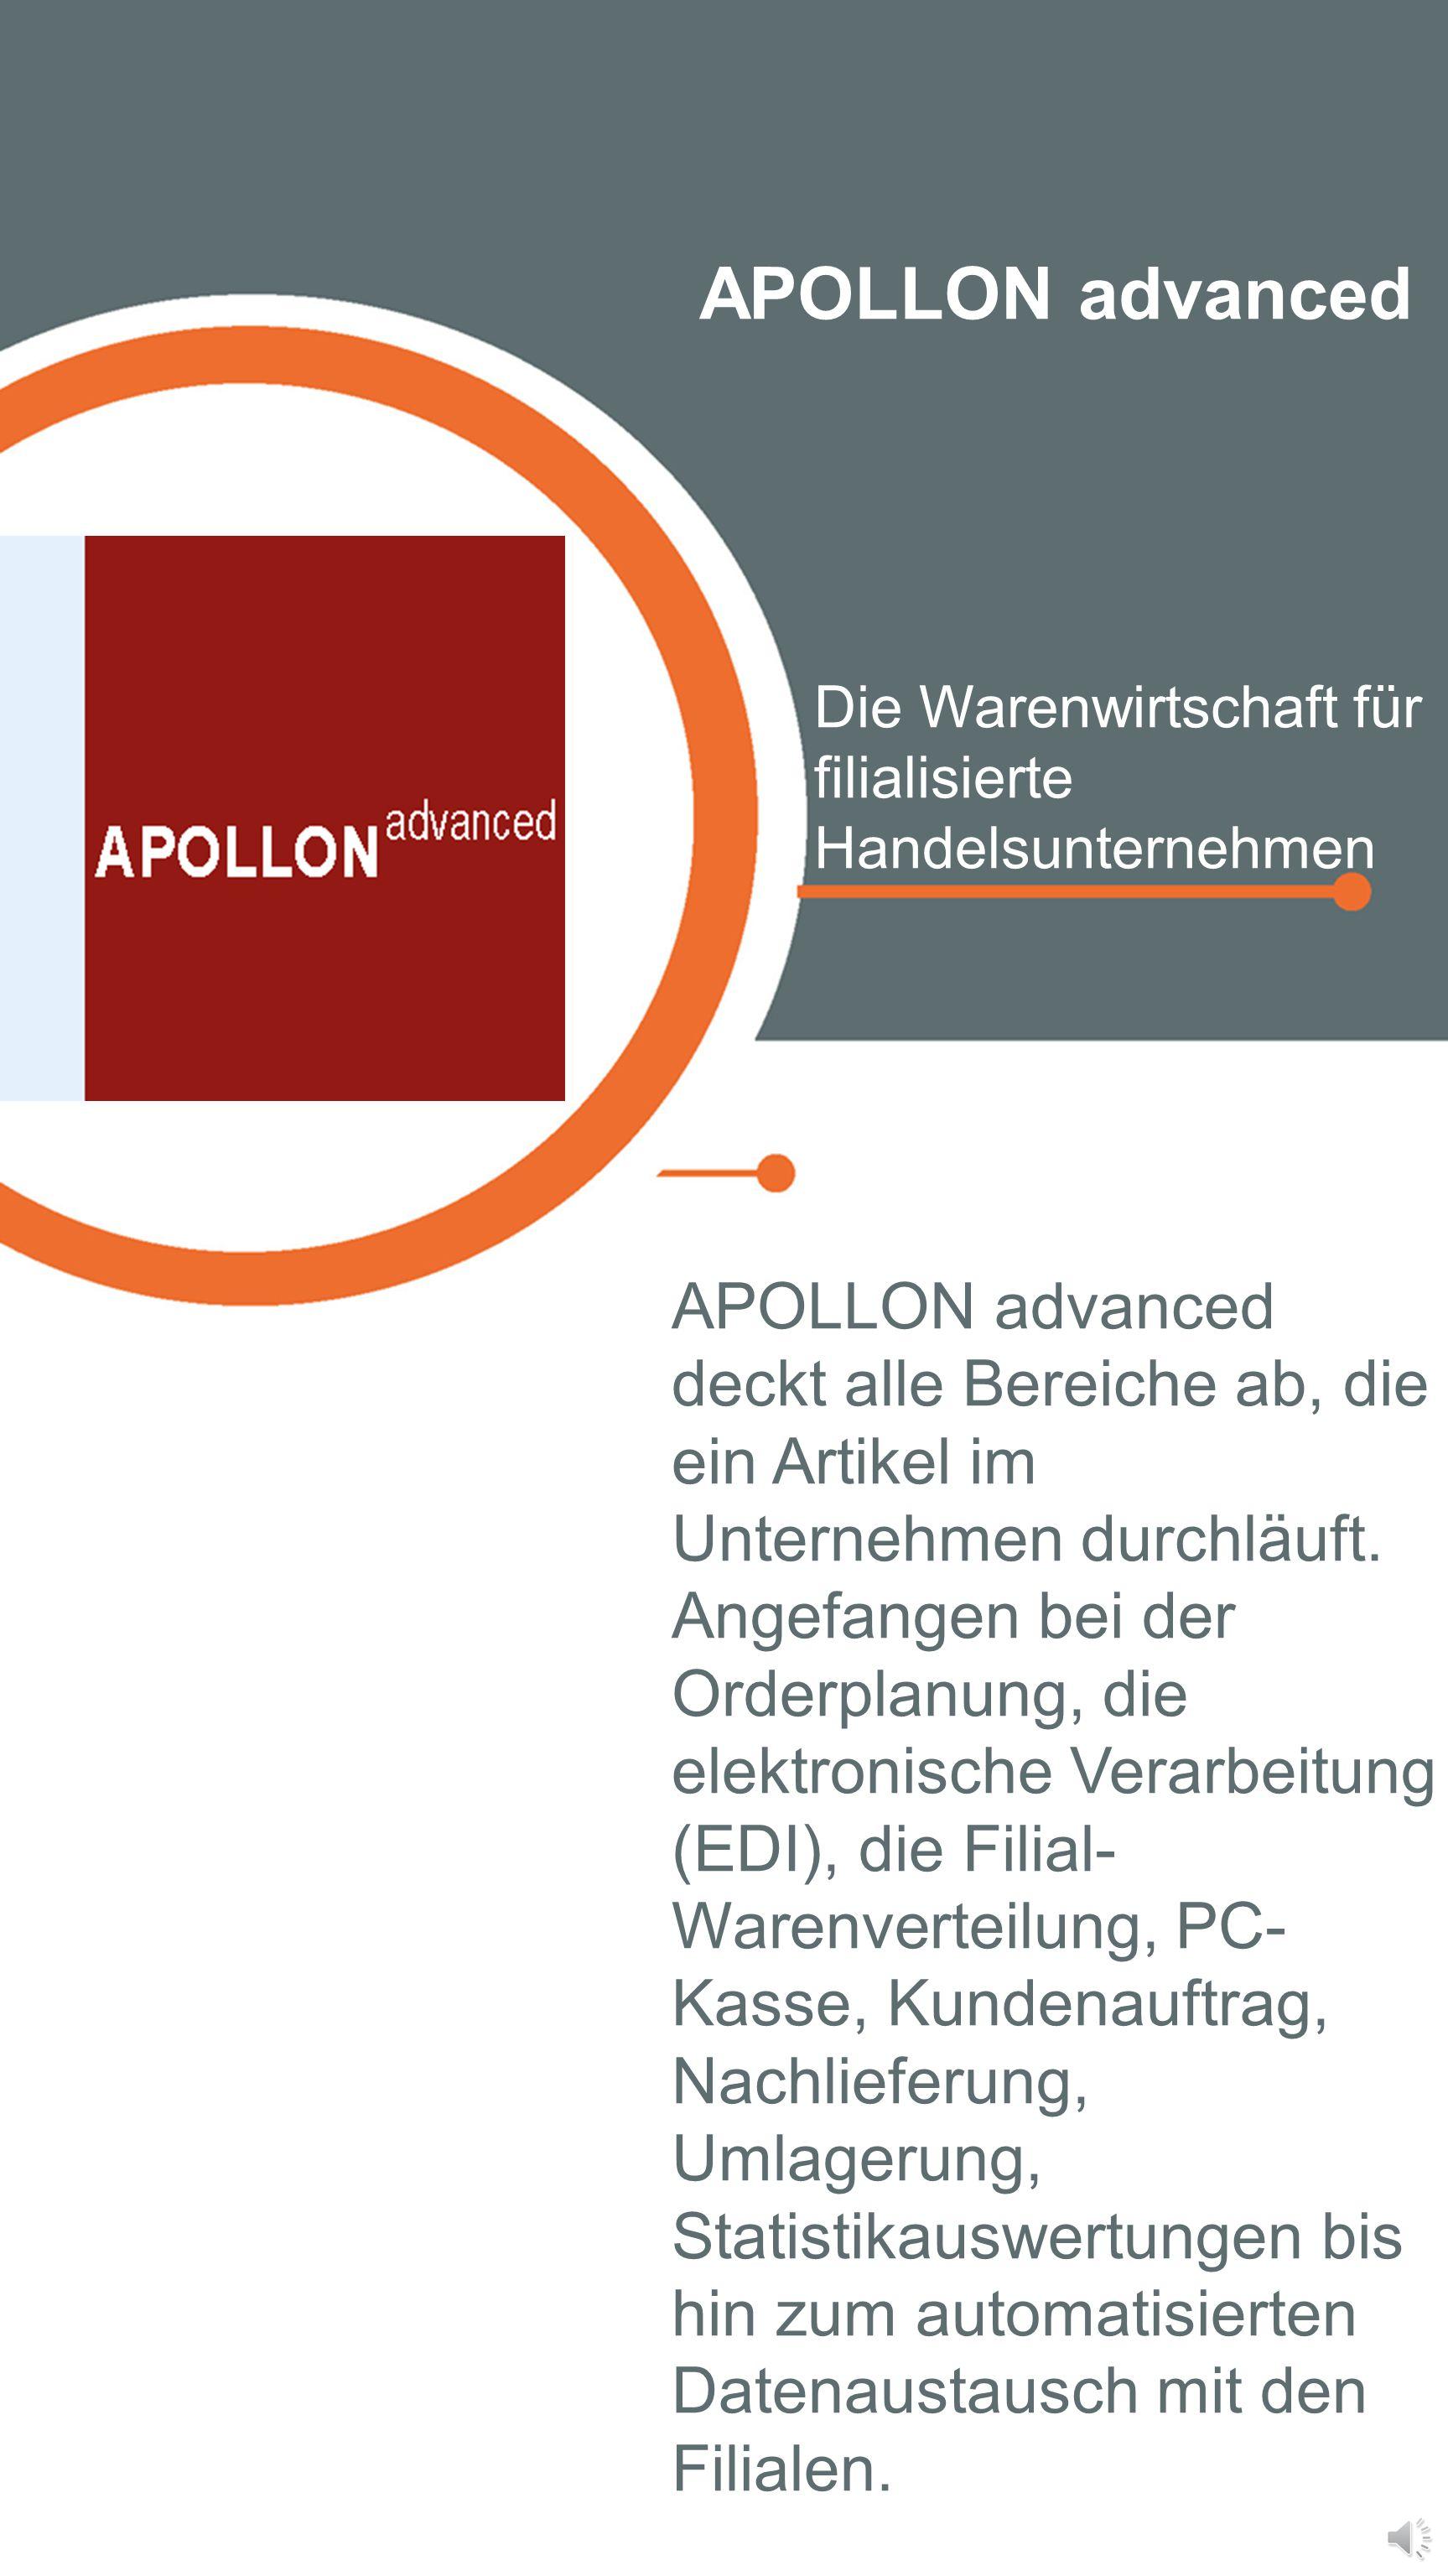 APOLLON advanced Die Warenwirtschaft für filialisierte Handelsunternehmen.